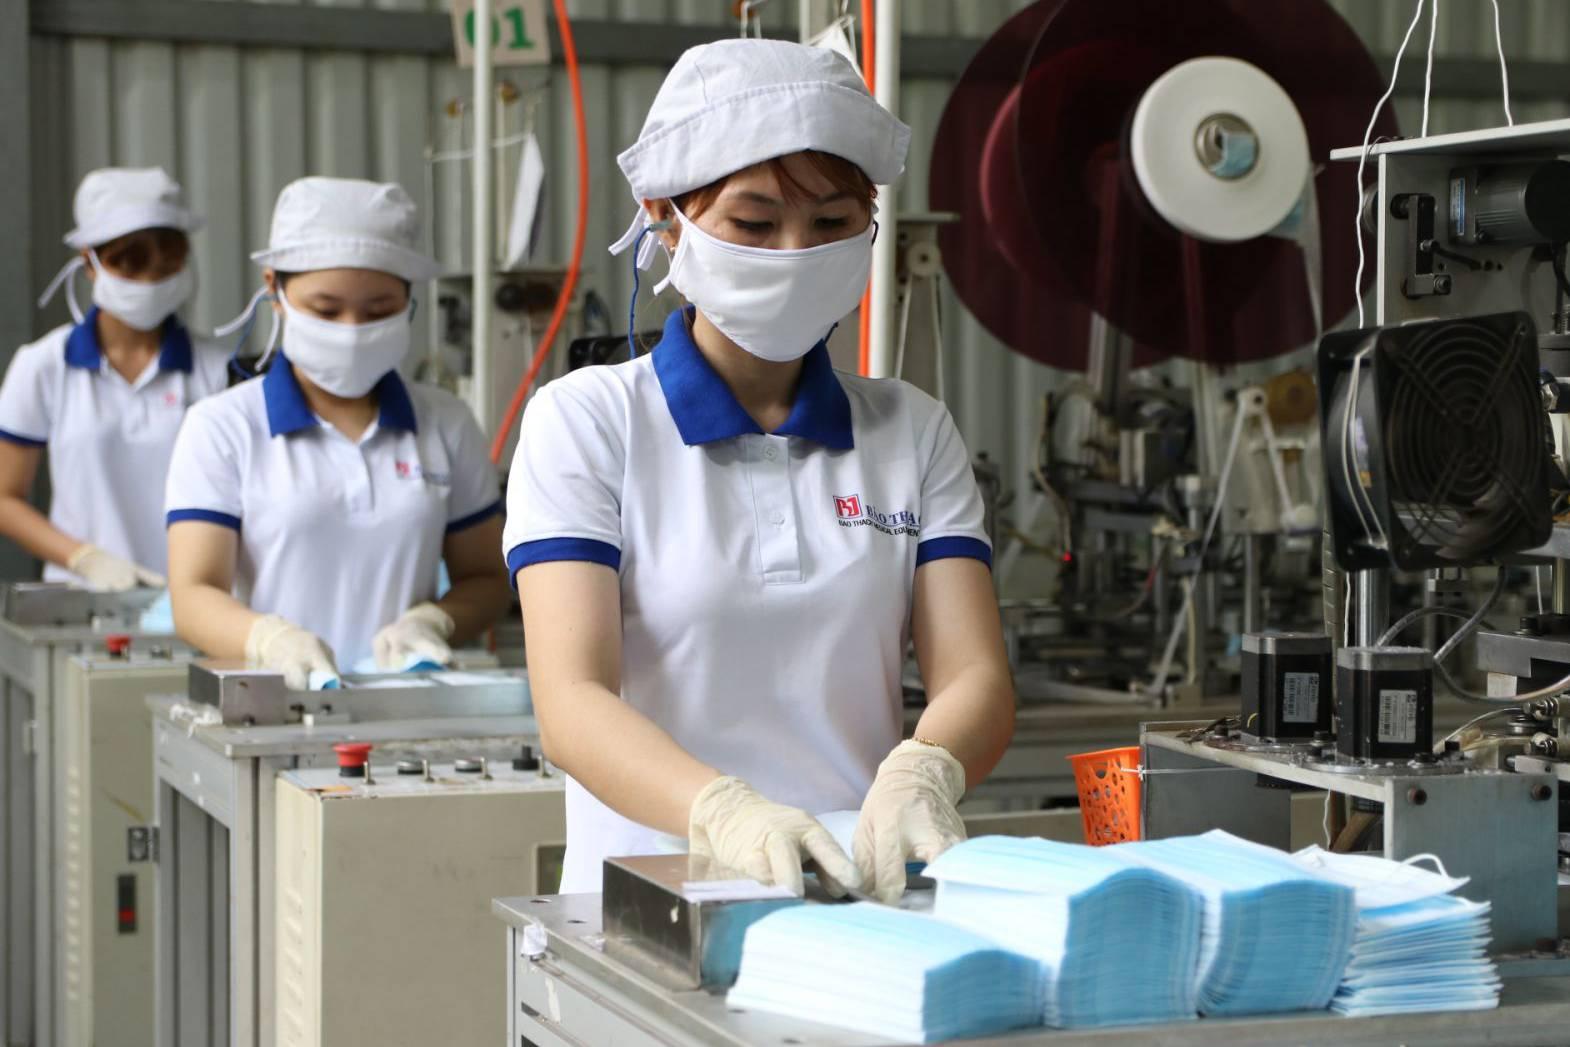 Danh sách nơi sản xuất khẩu trang y tế, nước rửa tay sát khuẩn, kèm số điện thoại - VnReview - Tin nóng